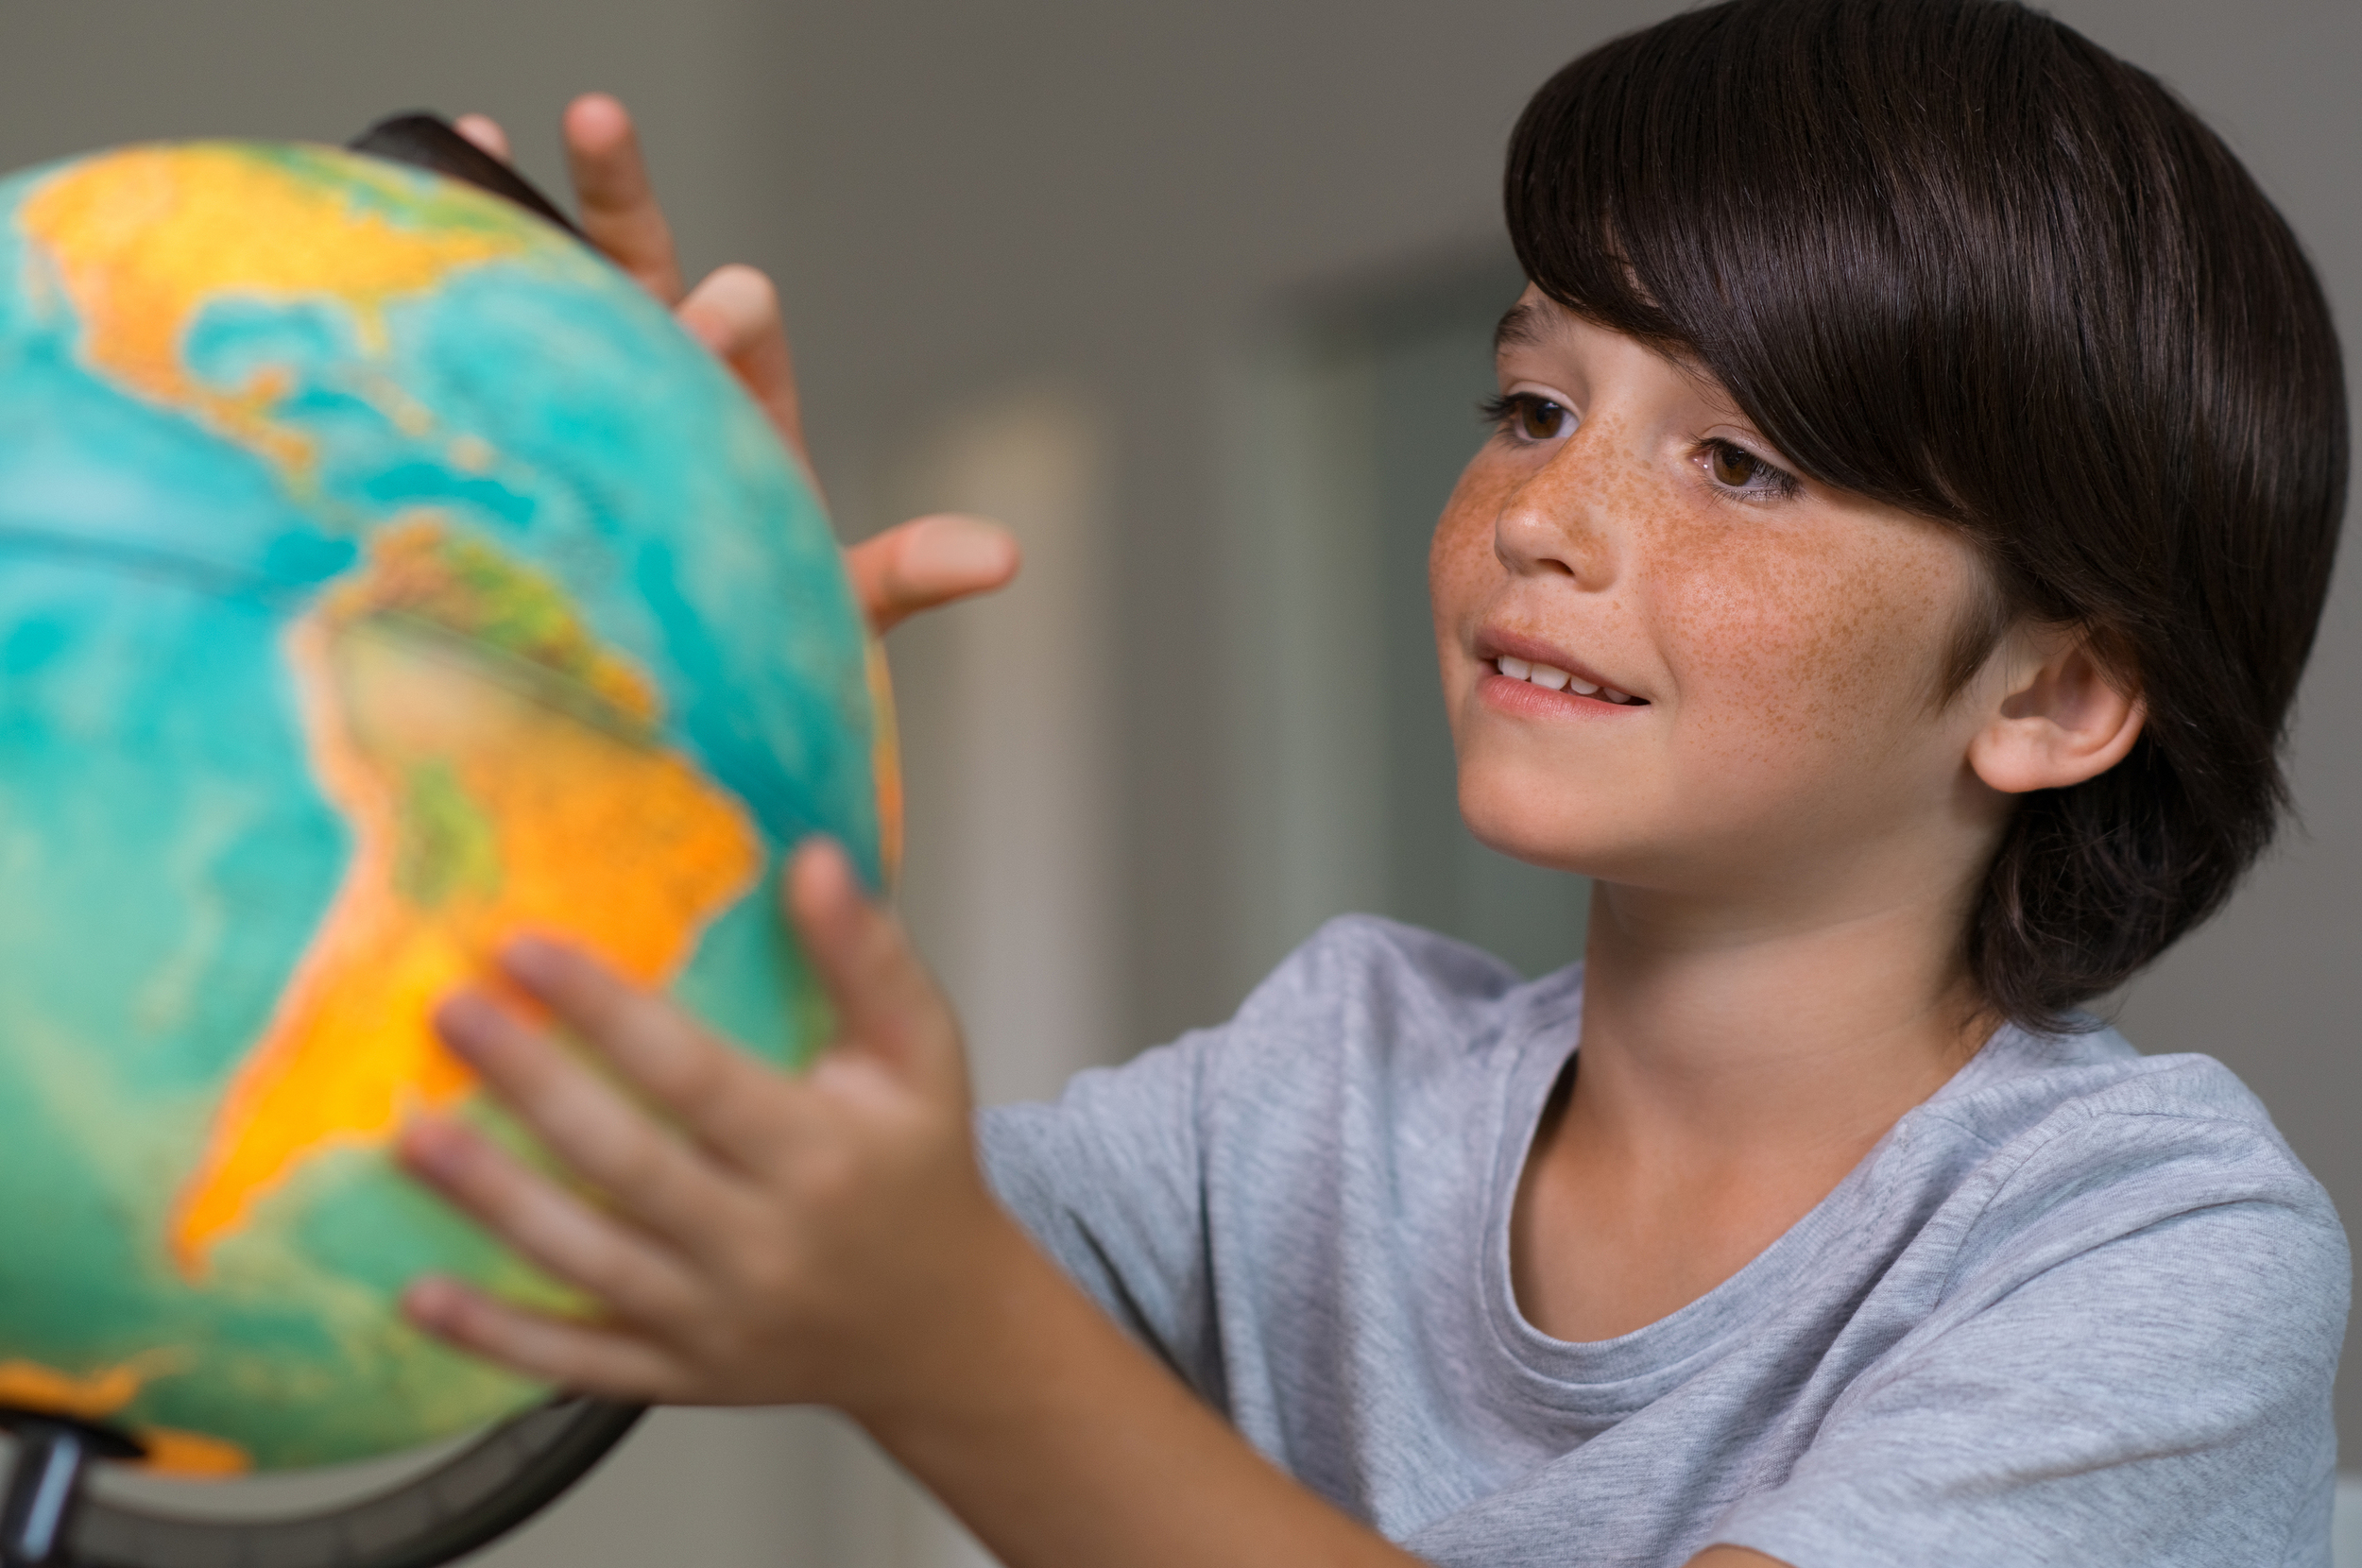 bigstock-Closeup-of-little-boy-learning-106159508.jpg